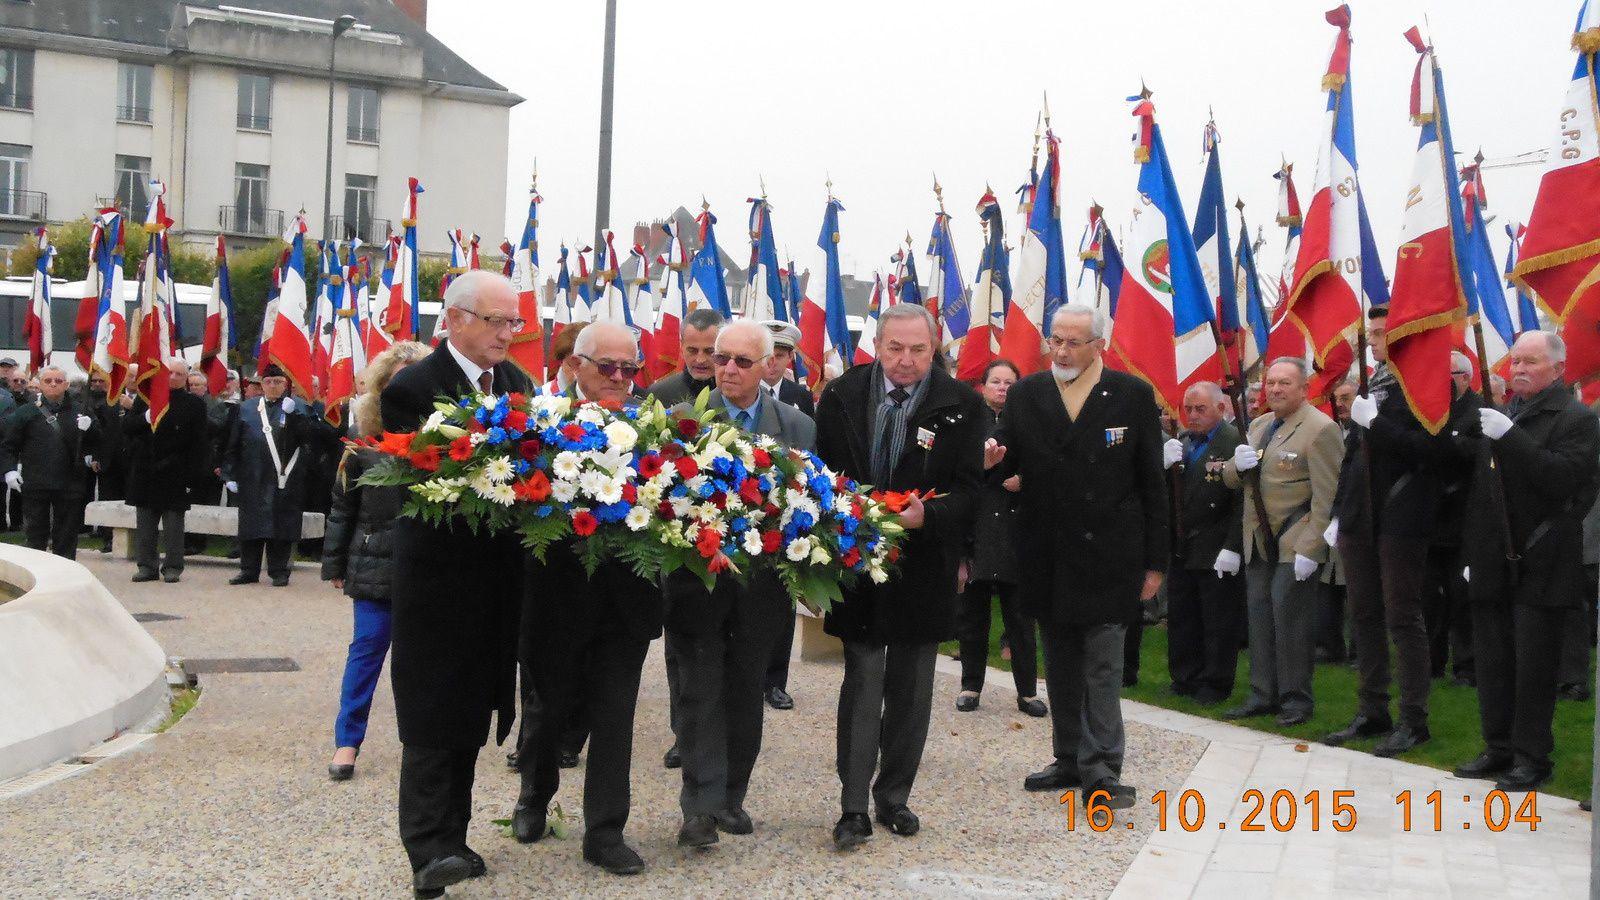 Photos de l'Anniversaire de l'inauguration du mémorial AFN à Tours vendredi 16 octobre, à 10h30